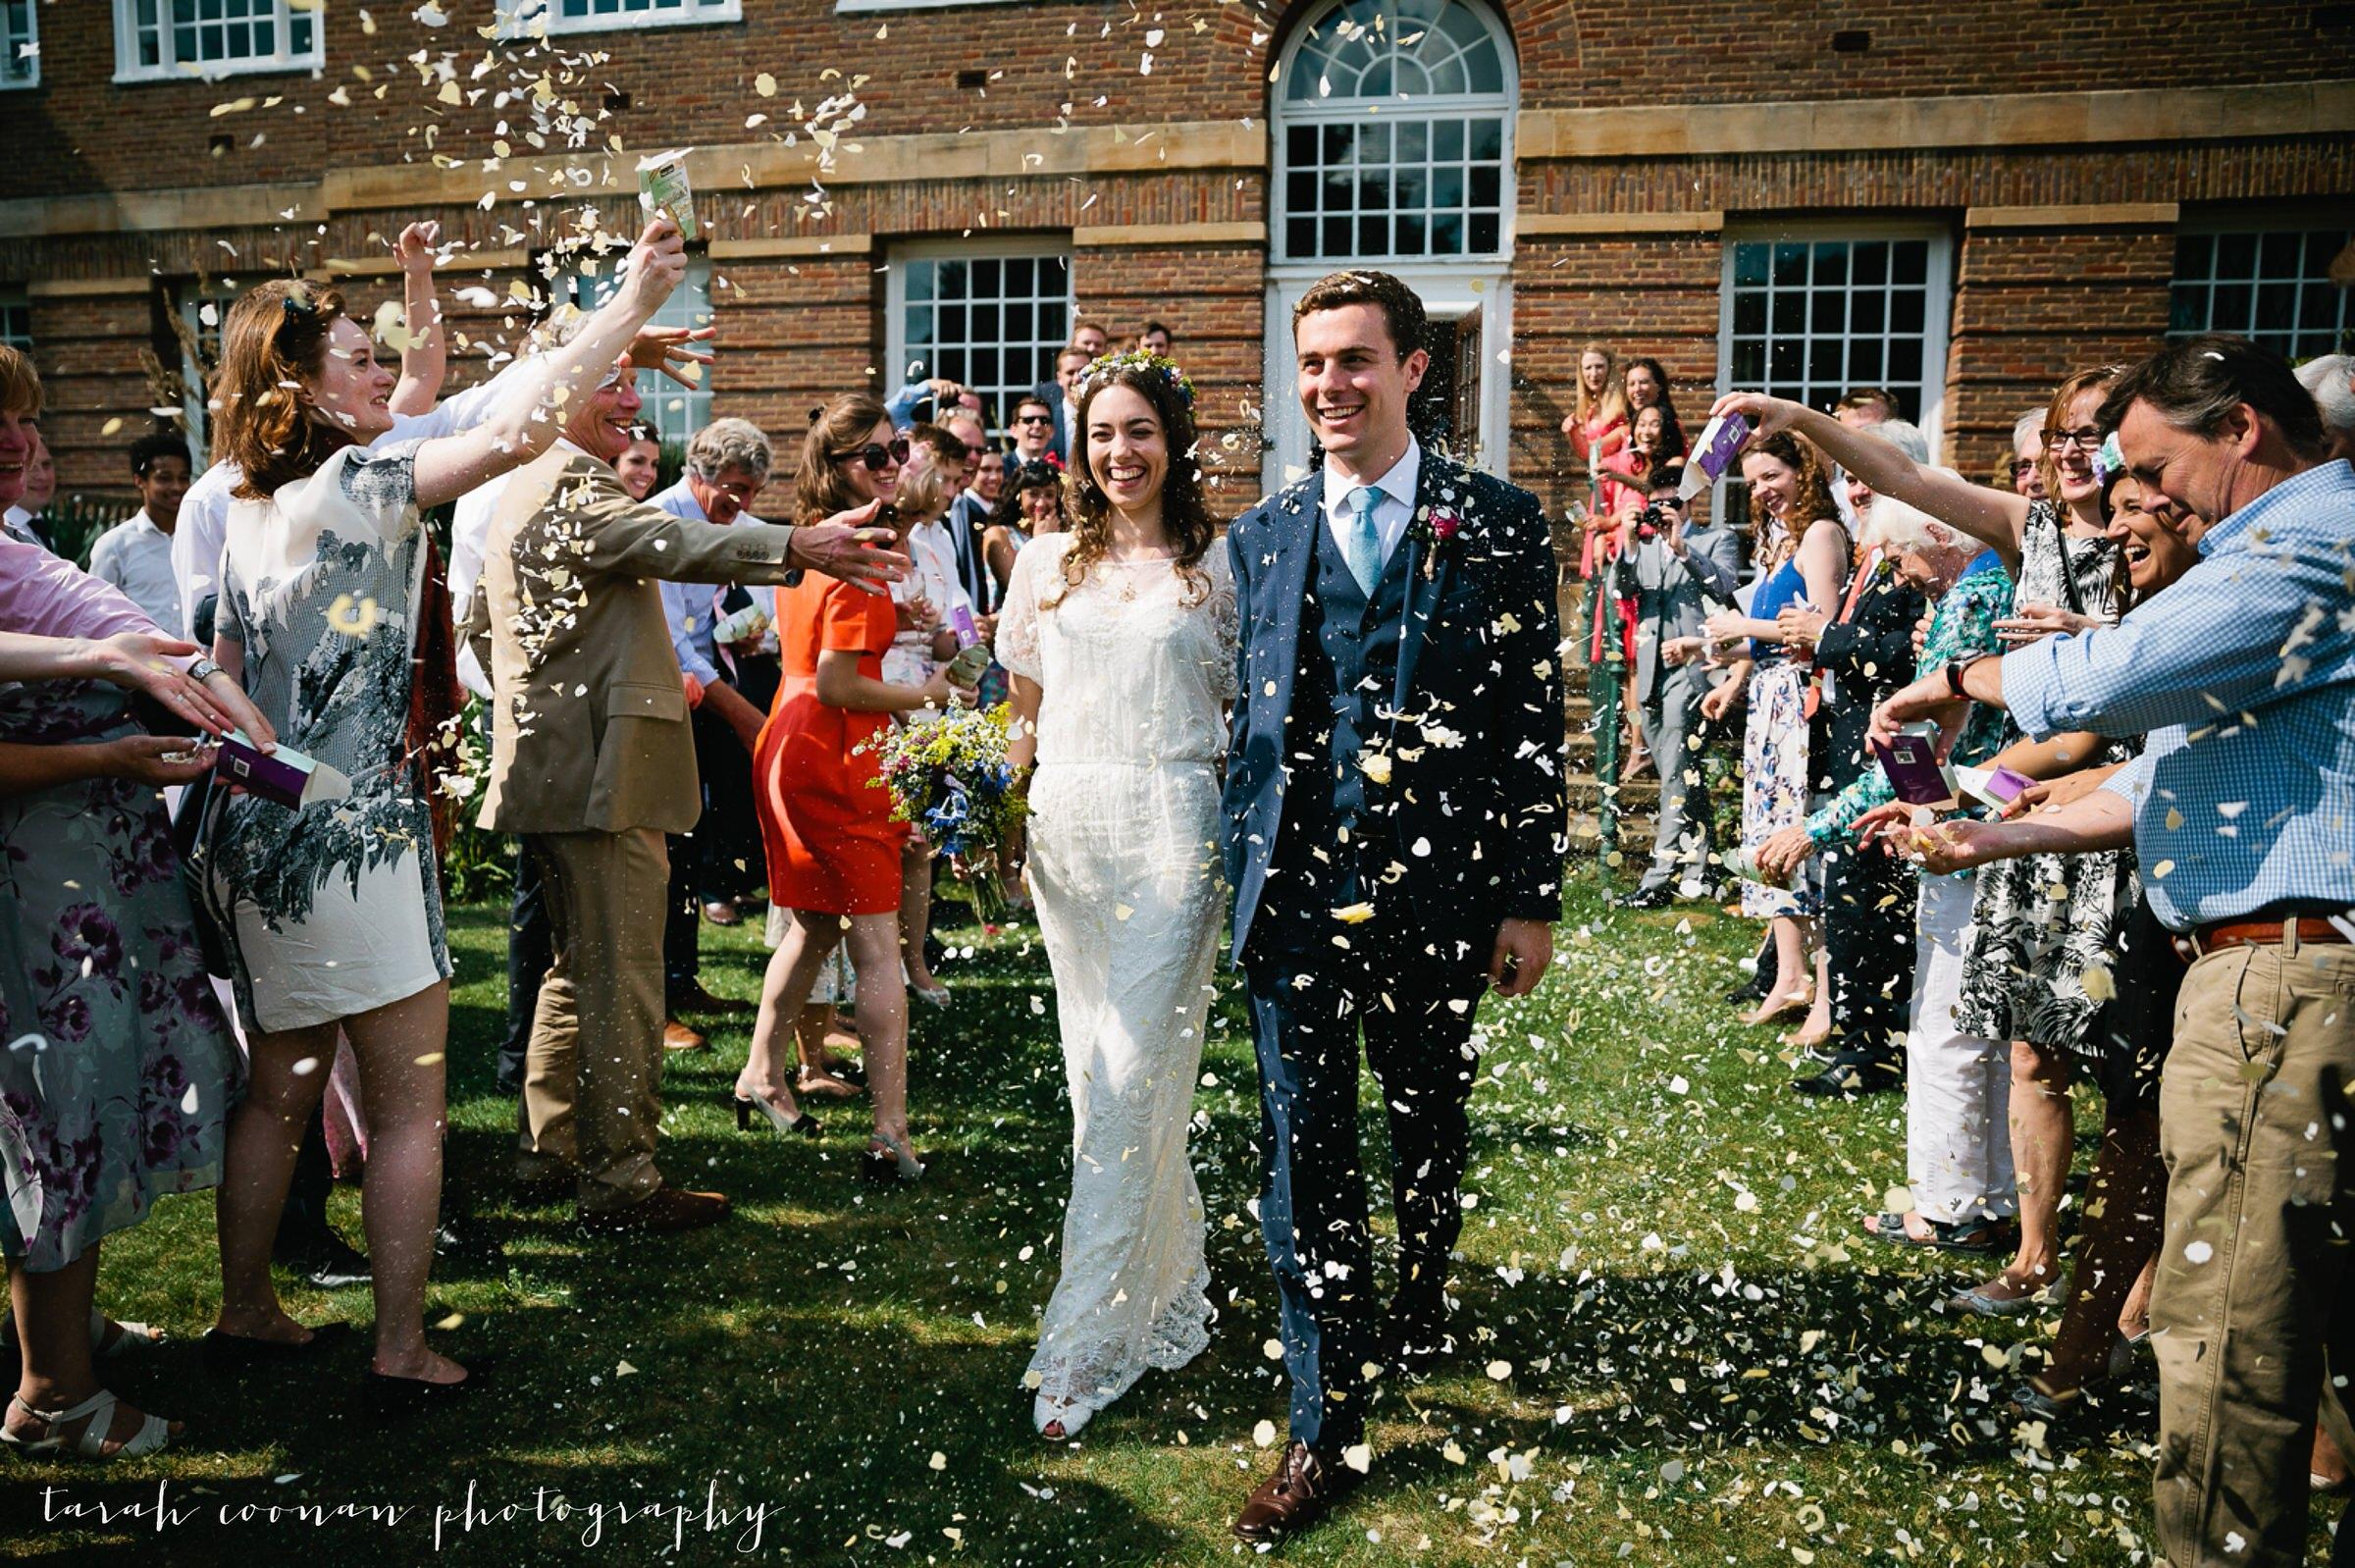 LMH wedding reception